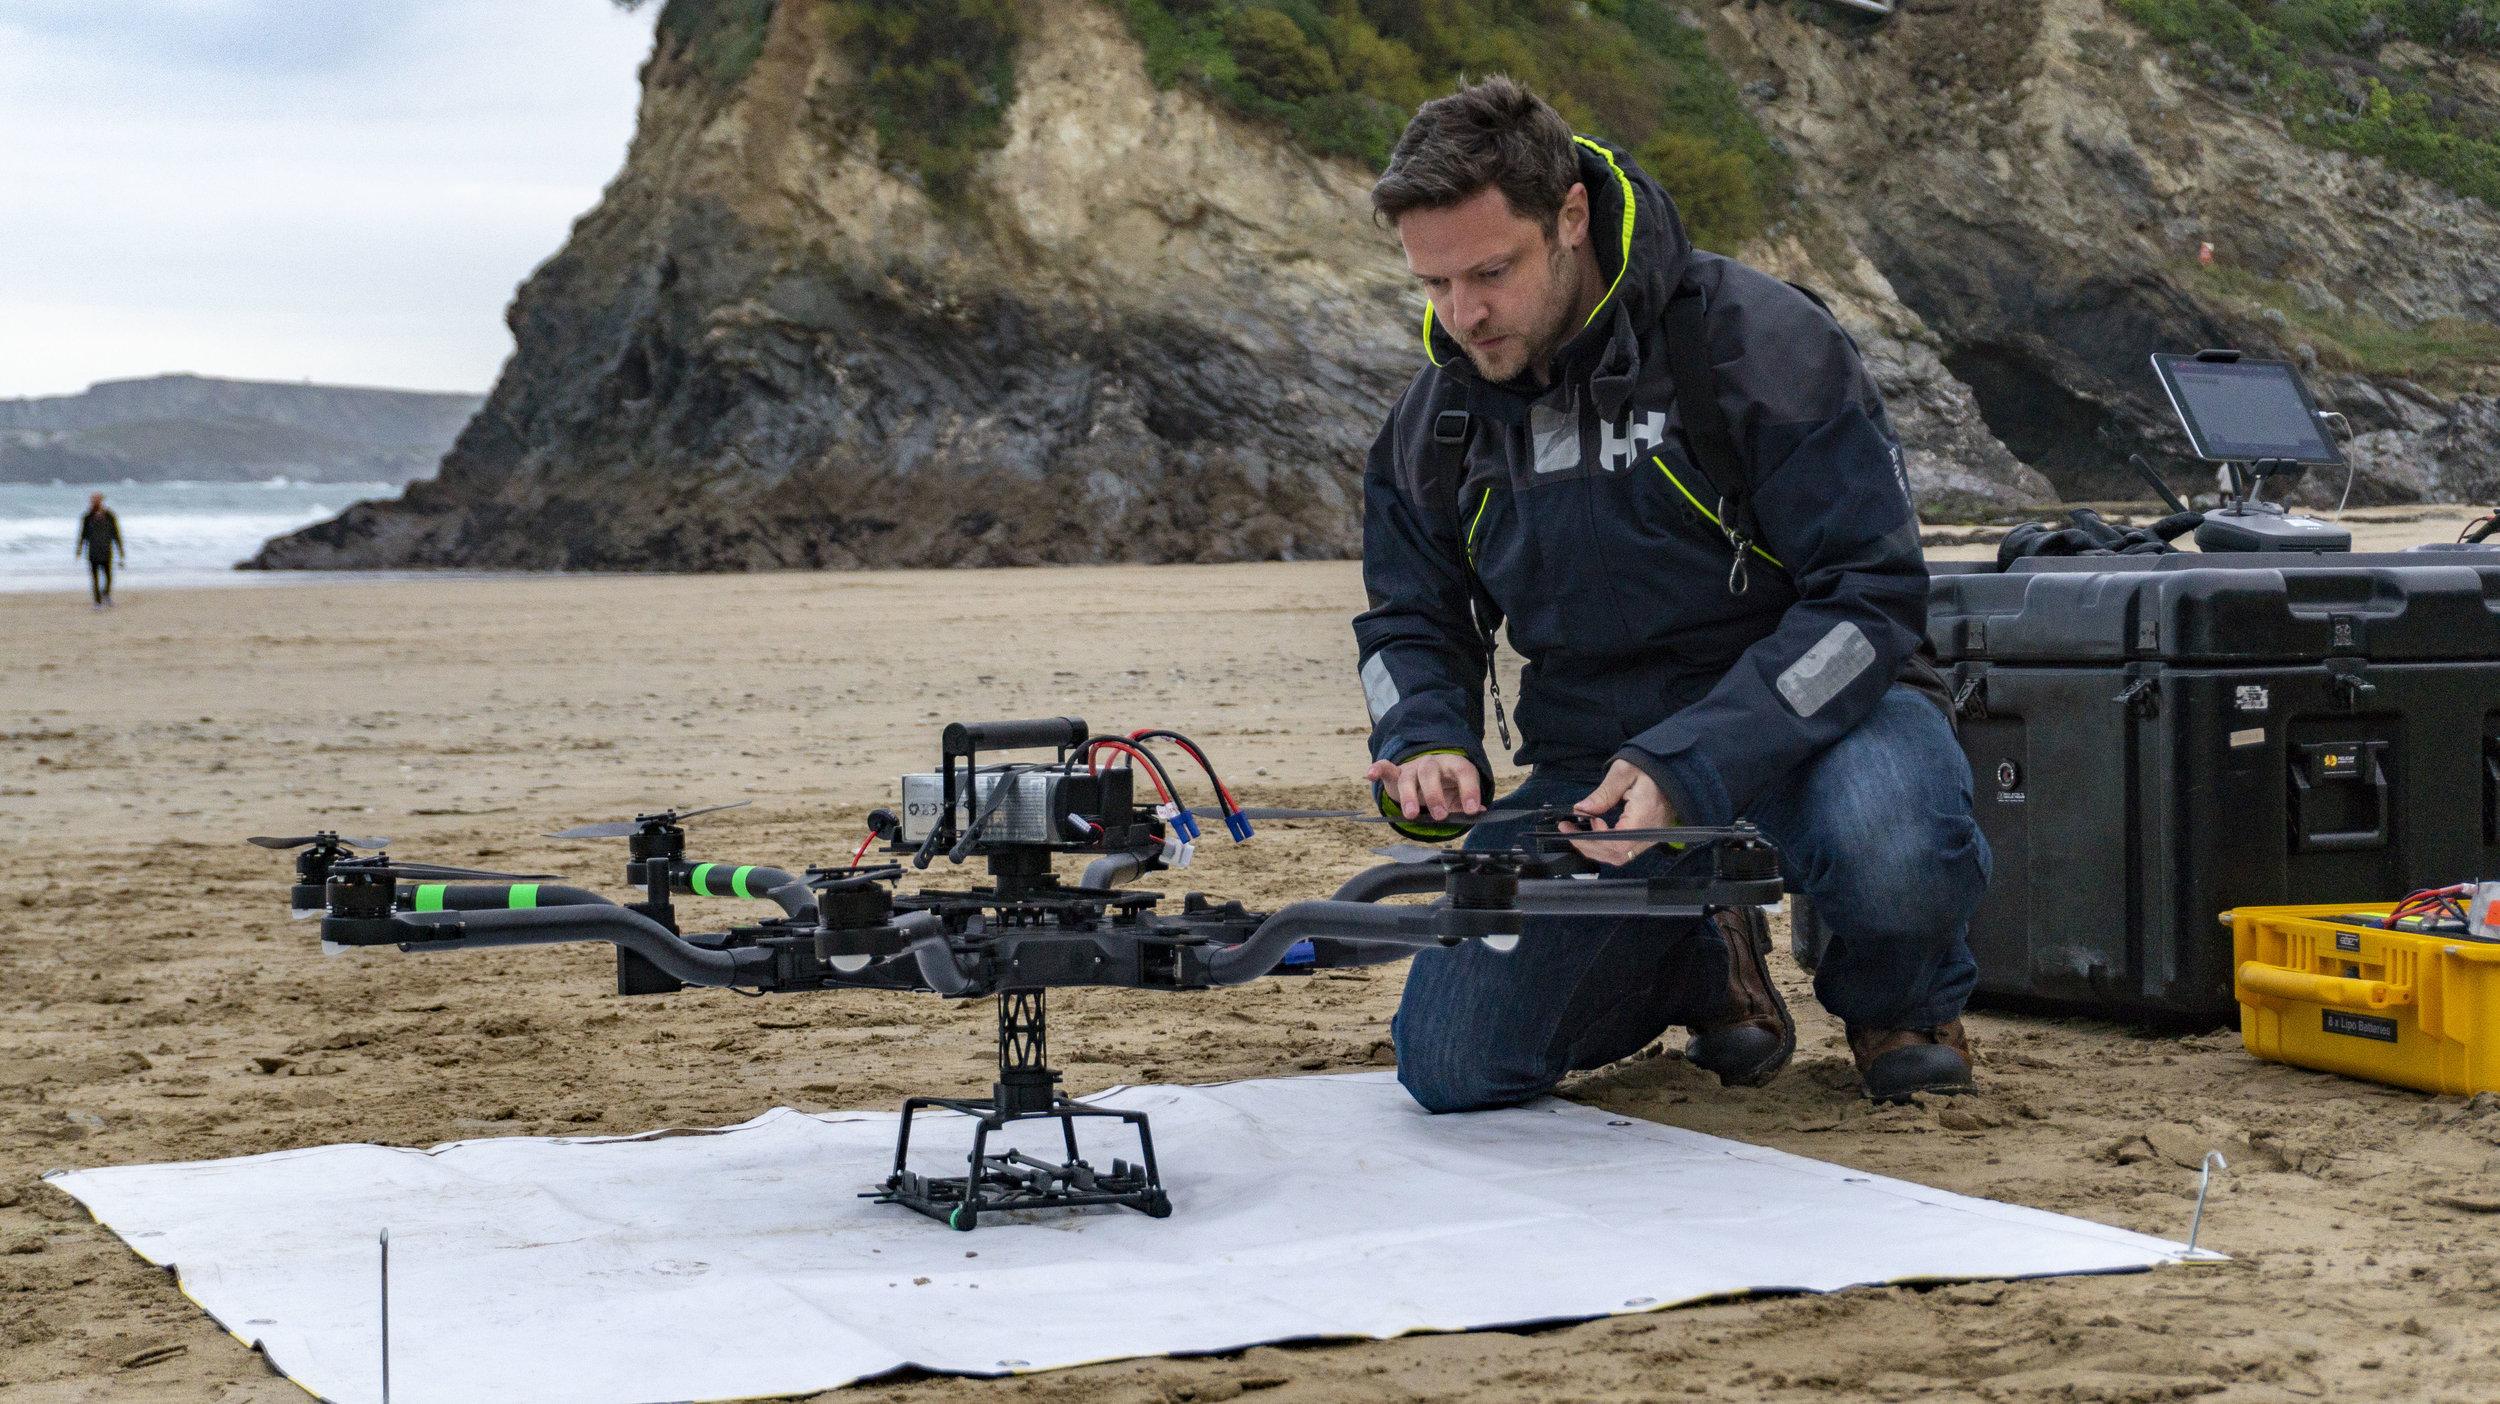 Matt Williams - Freefly Alta on ground-1.jpg